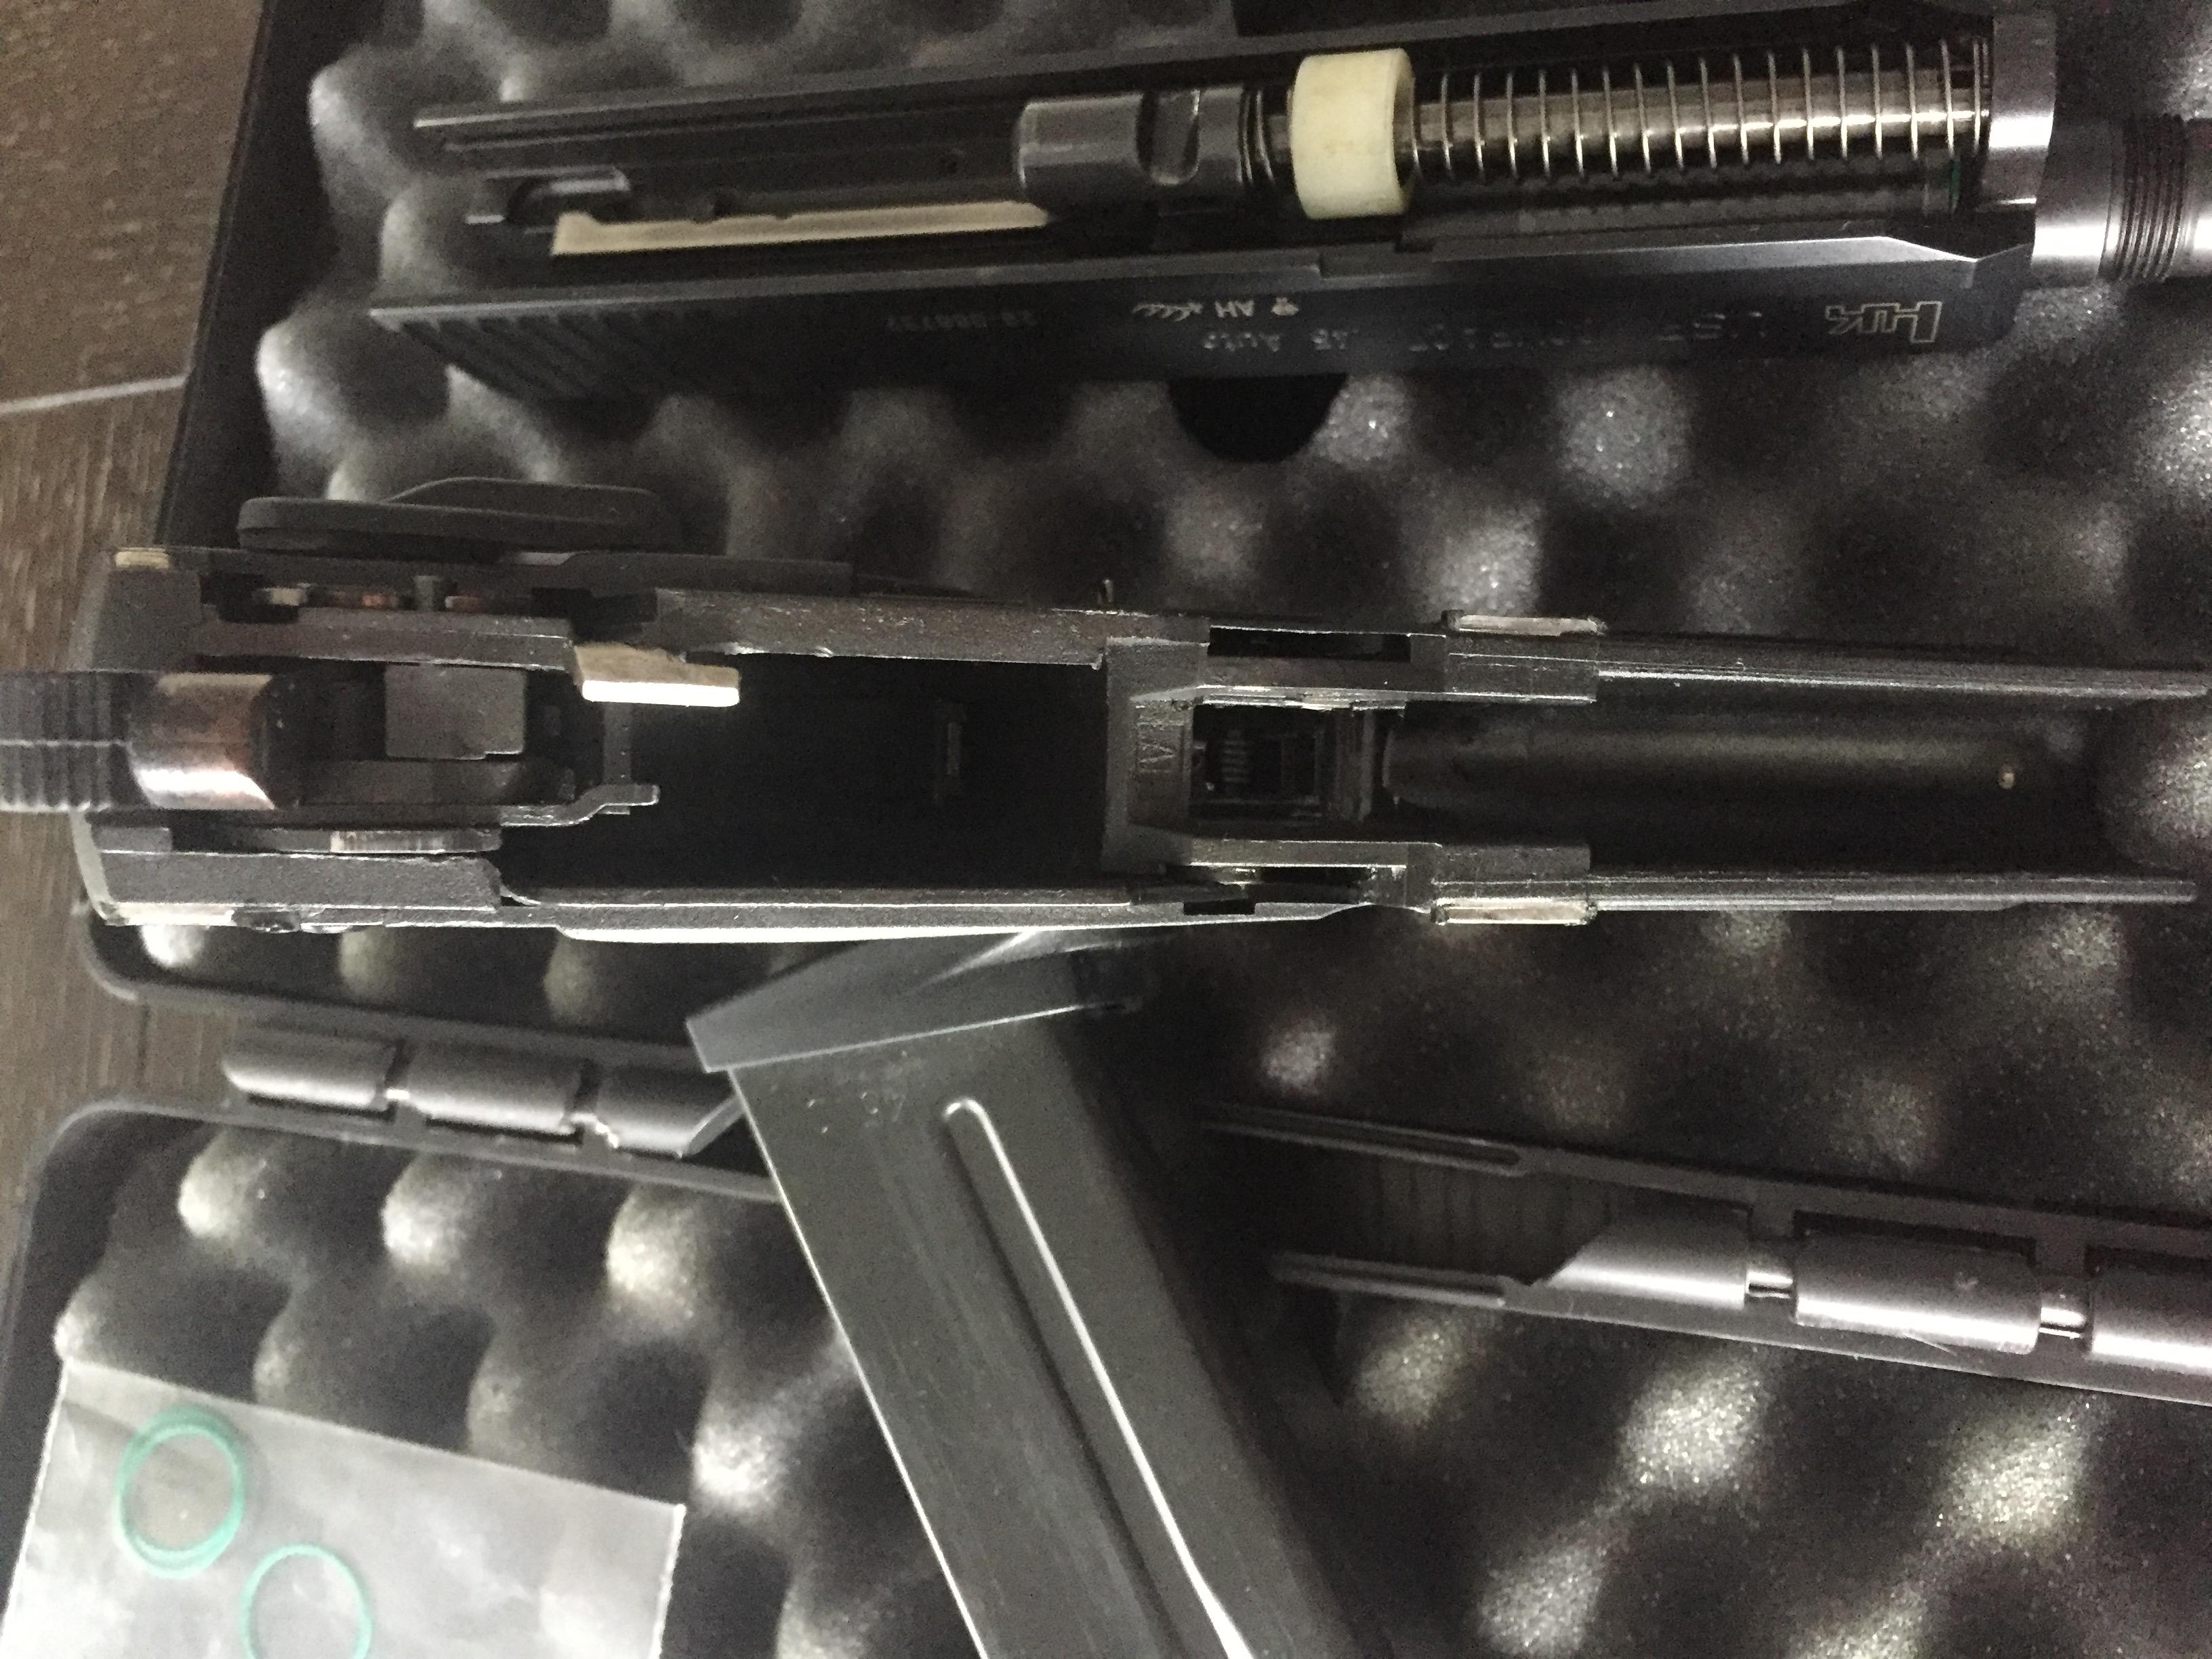 USP Compact 45 auto (tactical) rarity-0fc37143-2bf5-423f-a40e-8d2cd94c01a5.jpeg